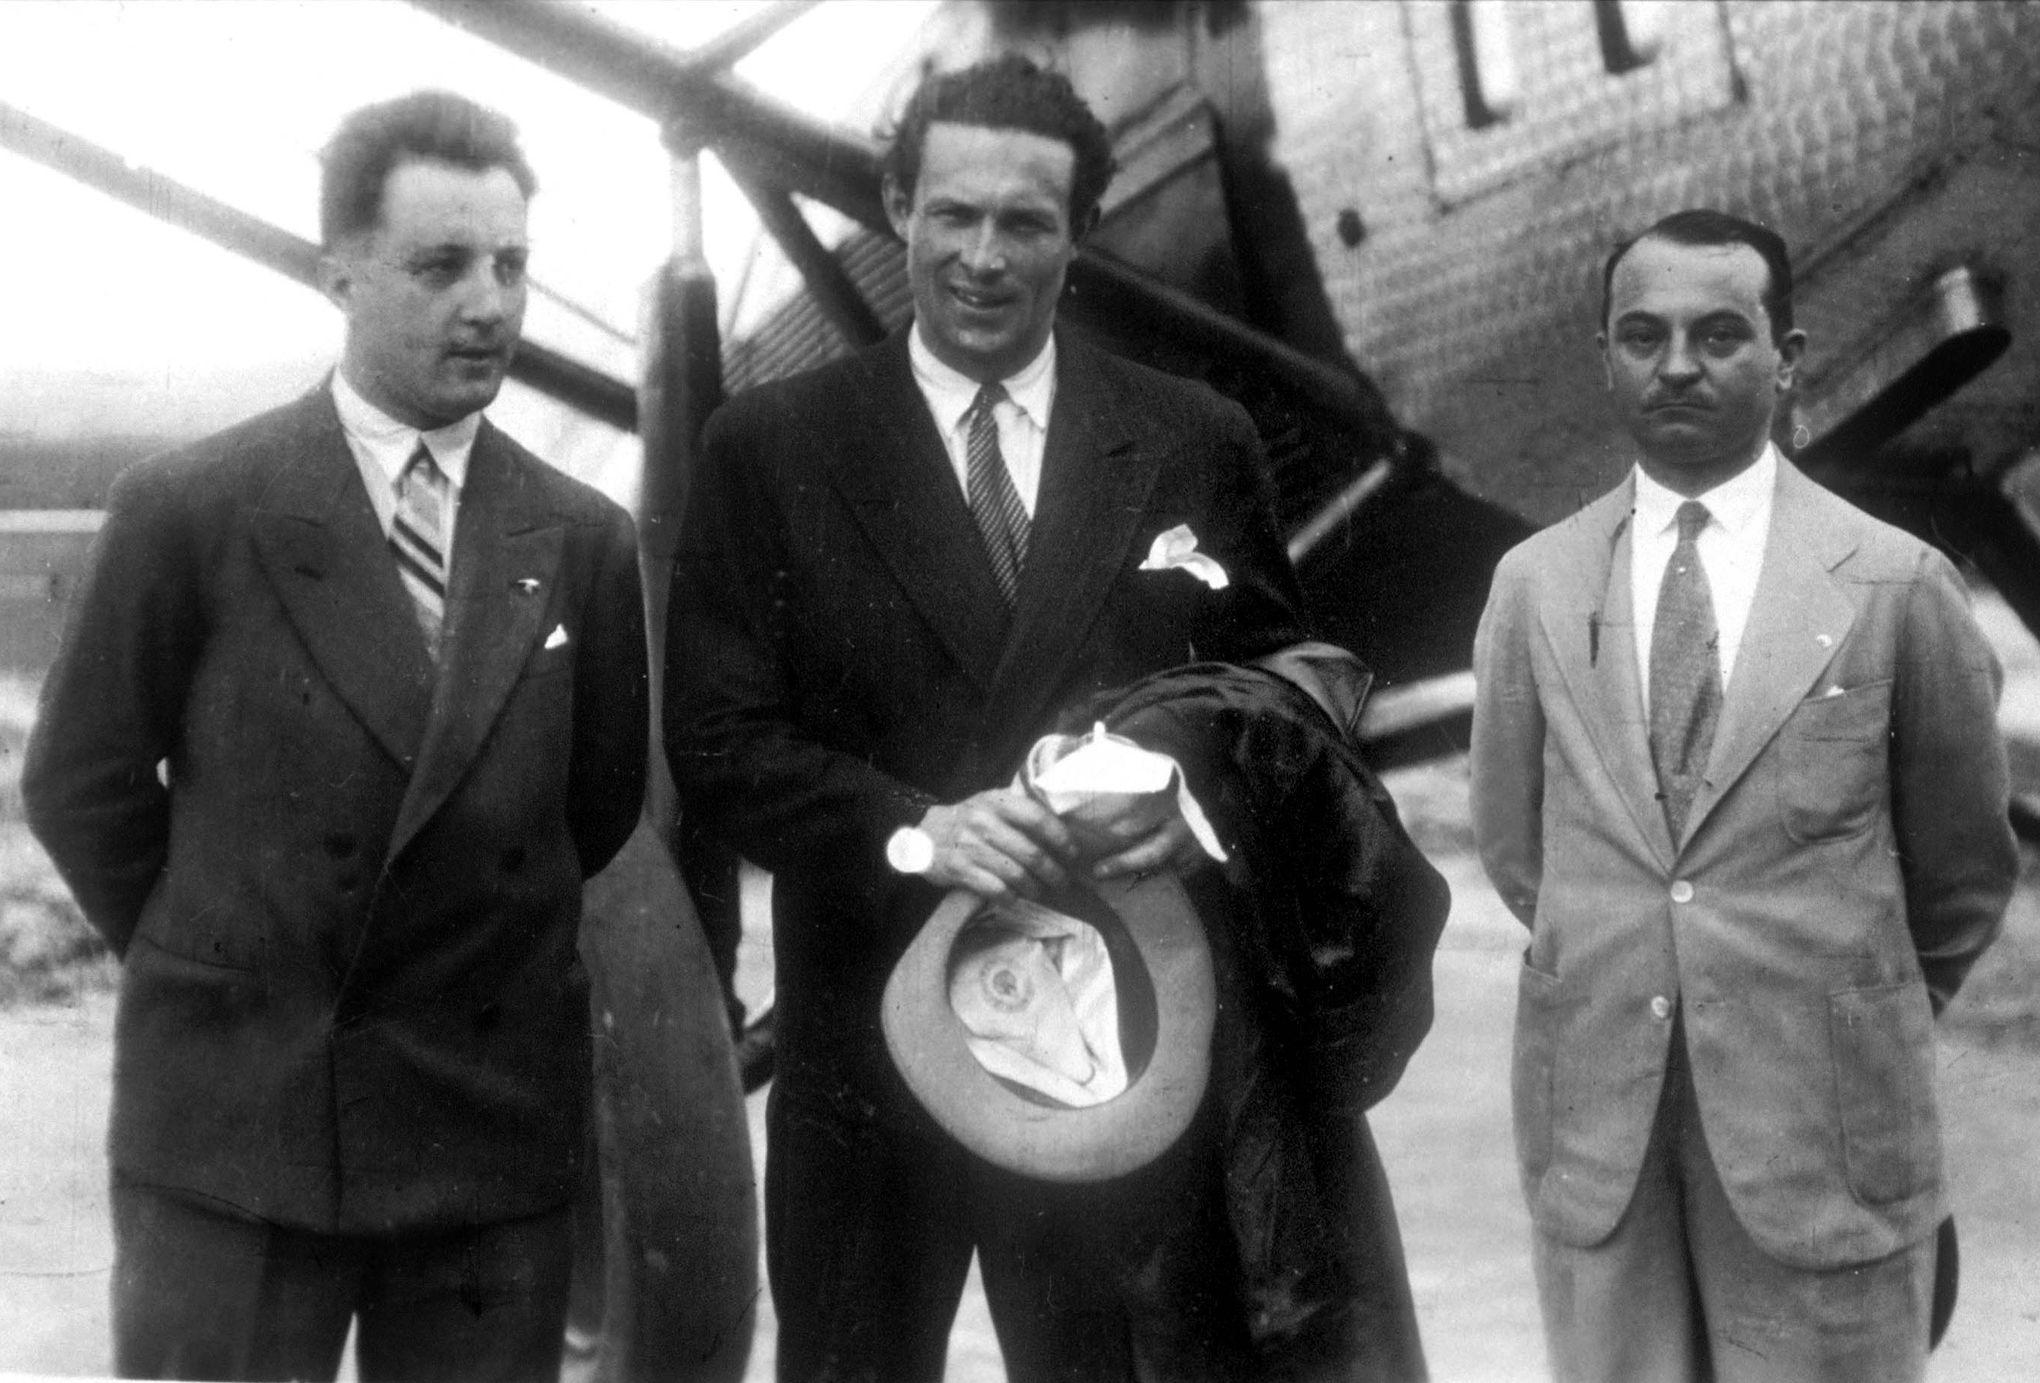 Mermoz, pilote de légende de l'Aéropostale, disparaît le 7 ...